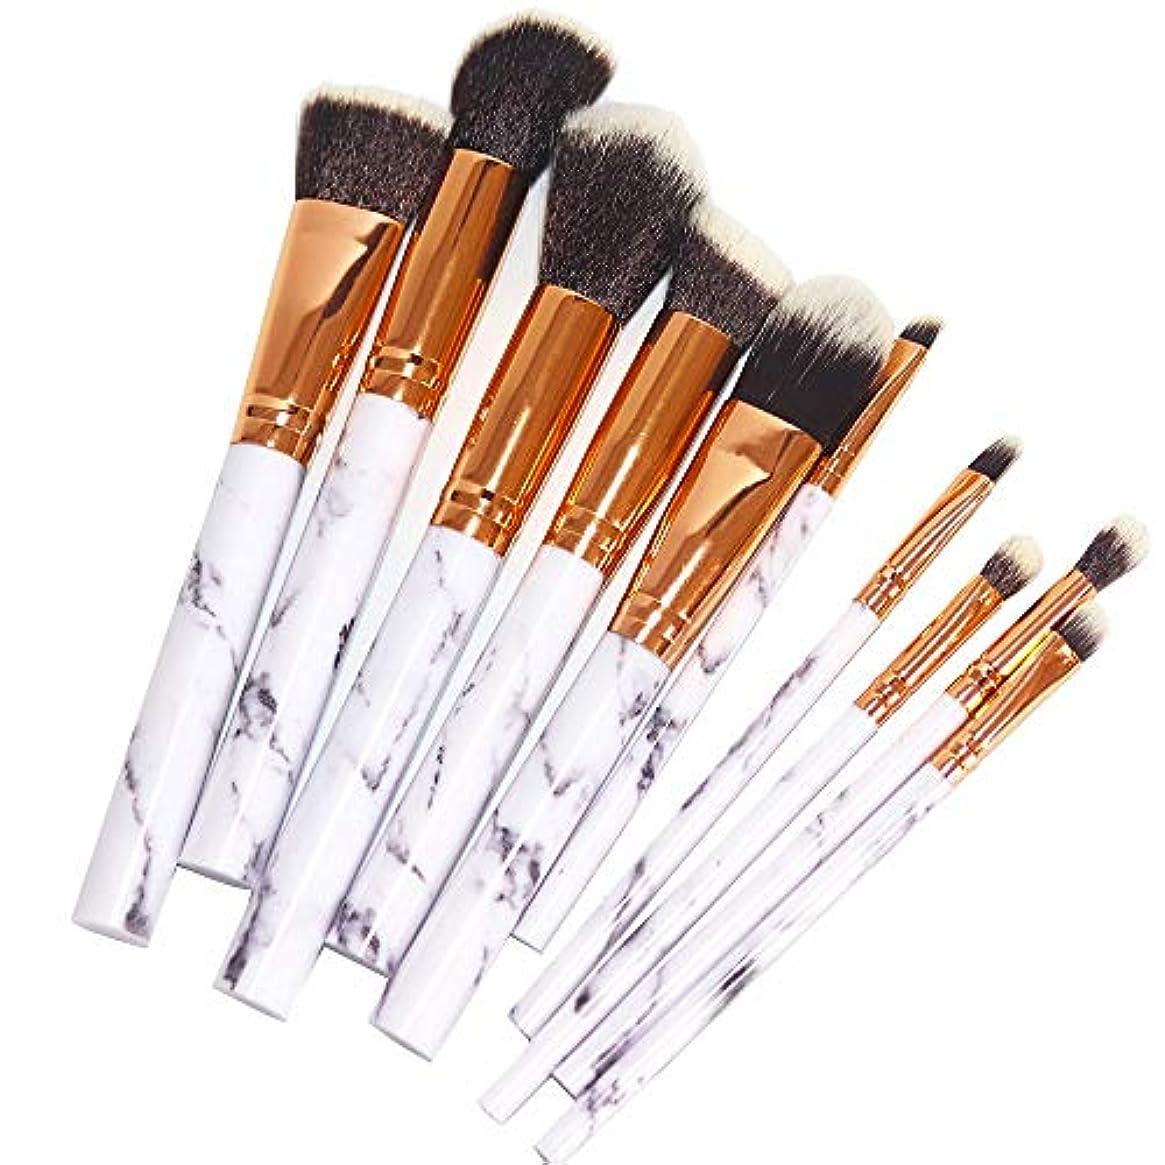 天才タップカメ化粧筆 パウダーブラシ コスメ アイシャドーブラシ 大理石柄 化粧ブラシ 高級繊維毛 柔らかい 携帯便利 ソフトメイクブラシセット 10本セット